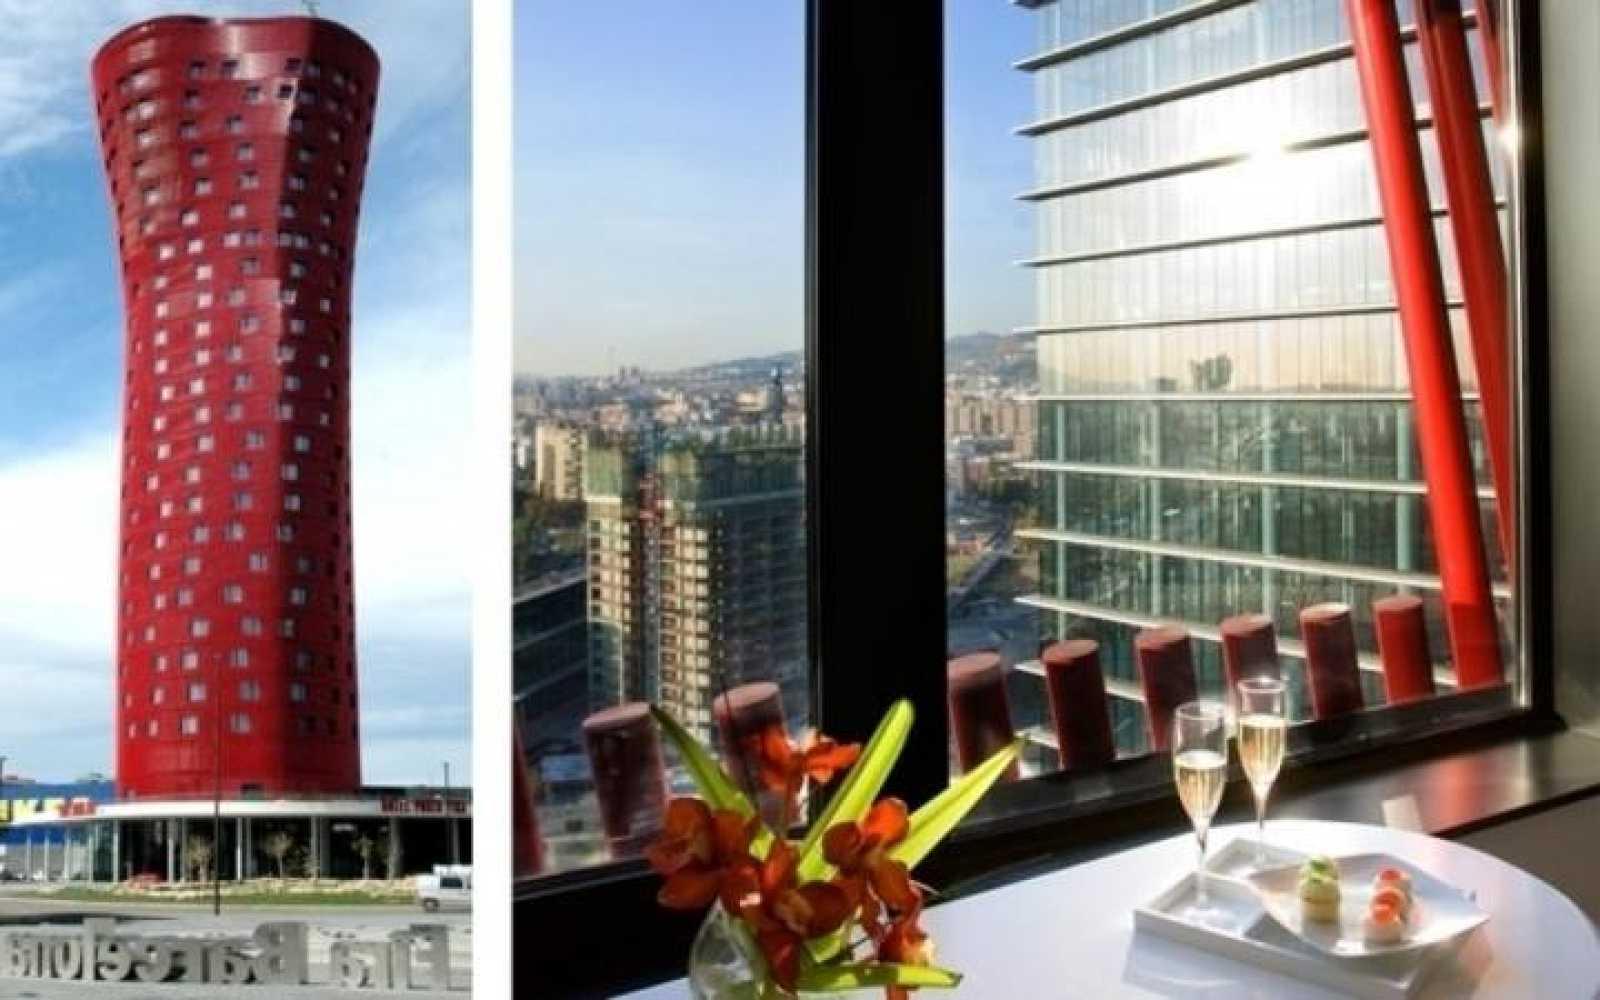 El Hotel Porta Fira de Barcelona es obra del arquitecto japonés Toyo Ito y del estudio b720 Arquitectos